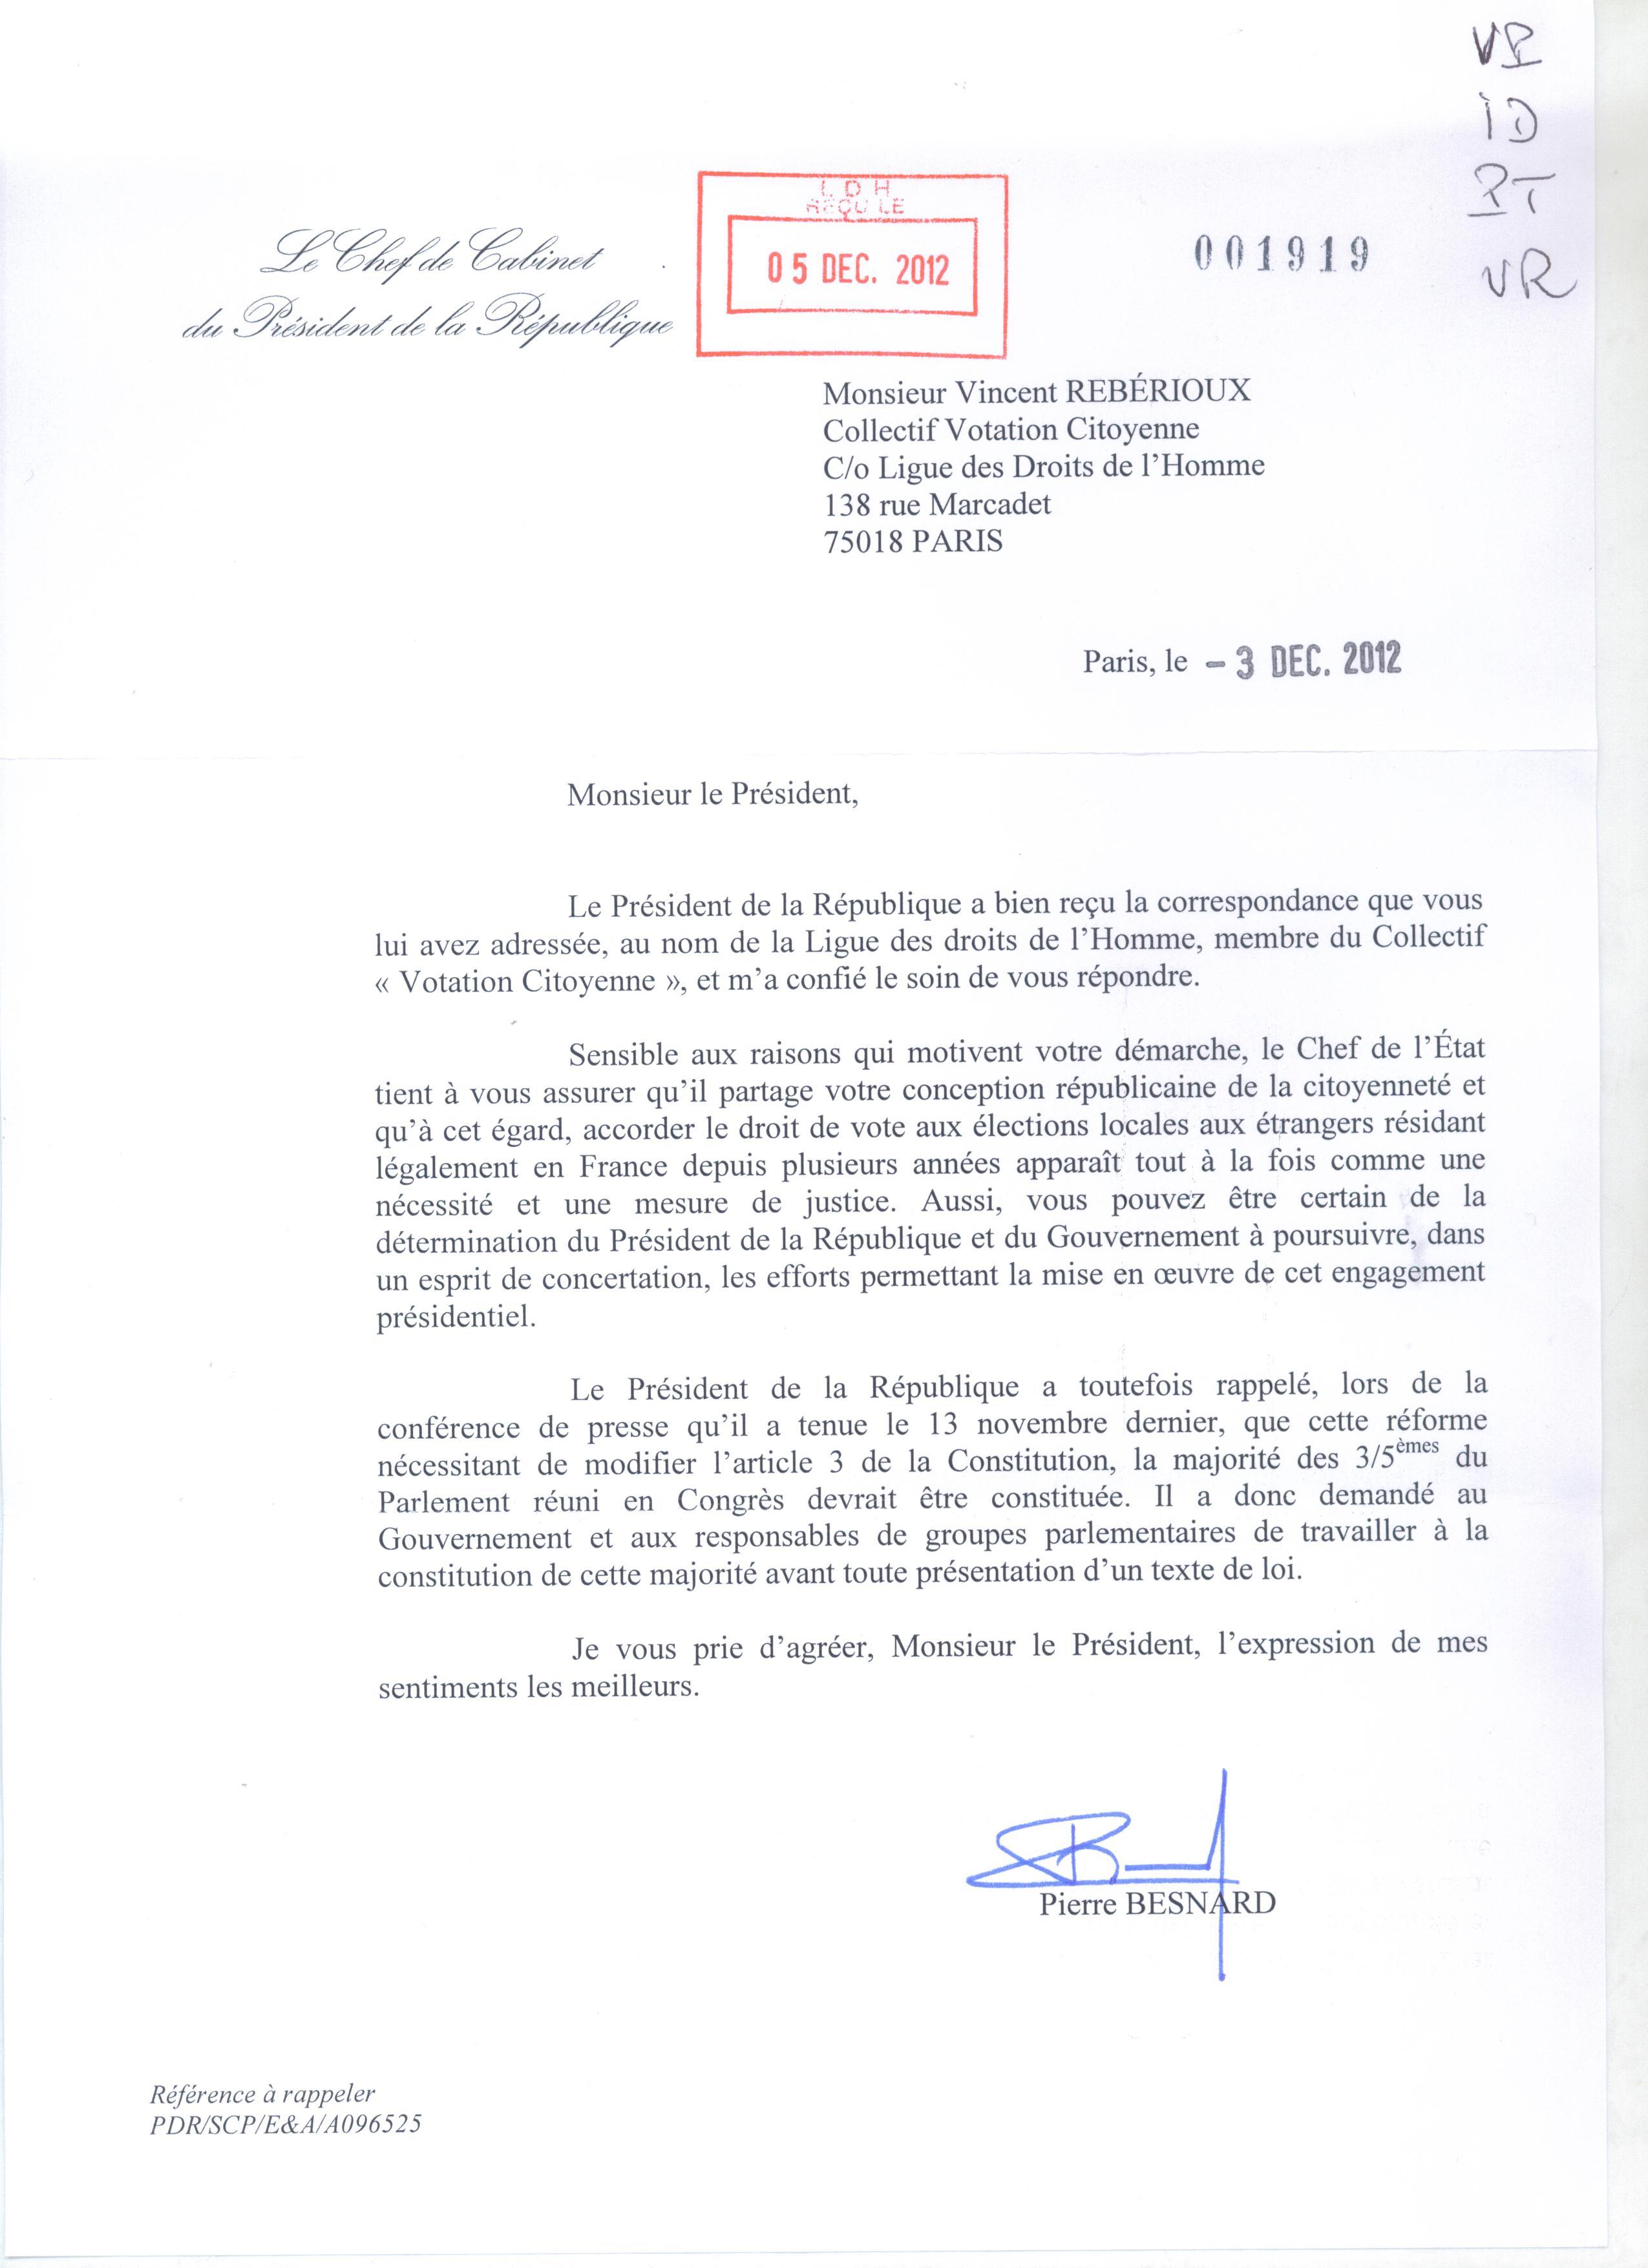 Fran ois hollande et jean marc ayrault r pondent au courrier qui leur a t adress par le - Chef de cabinet du president de la republique ...